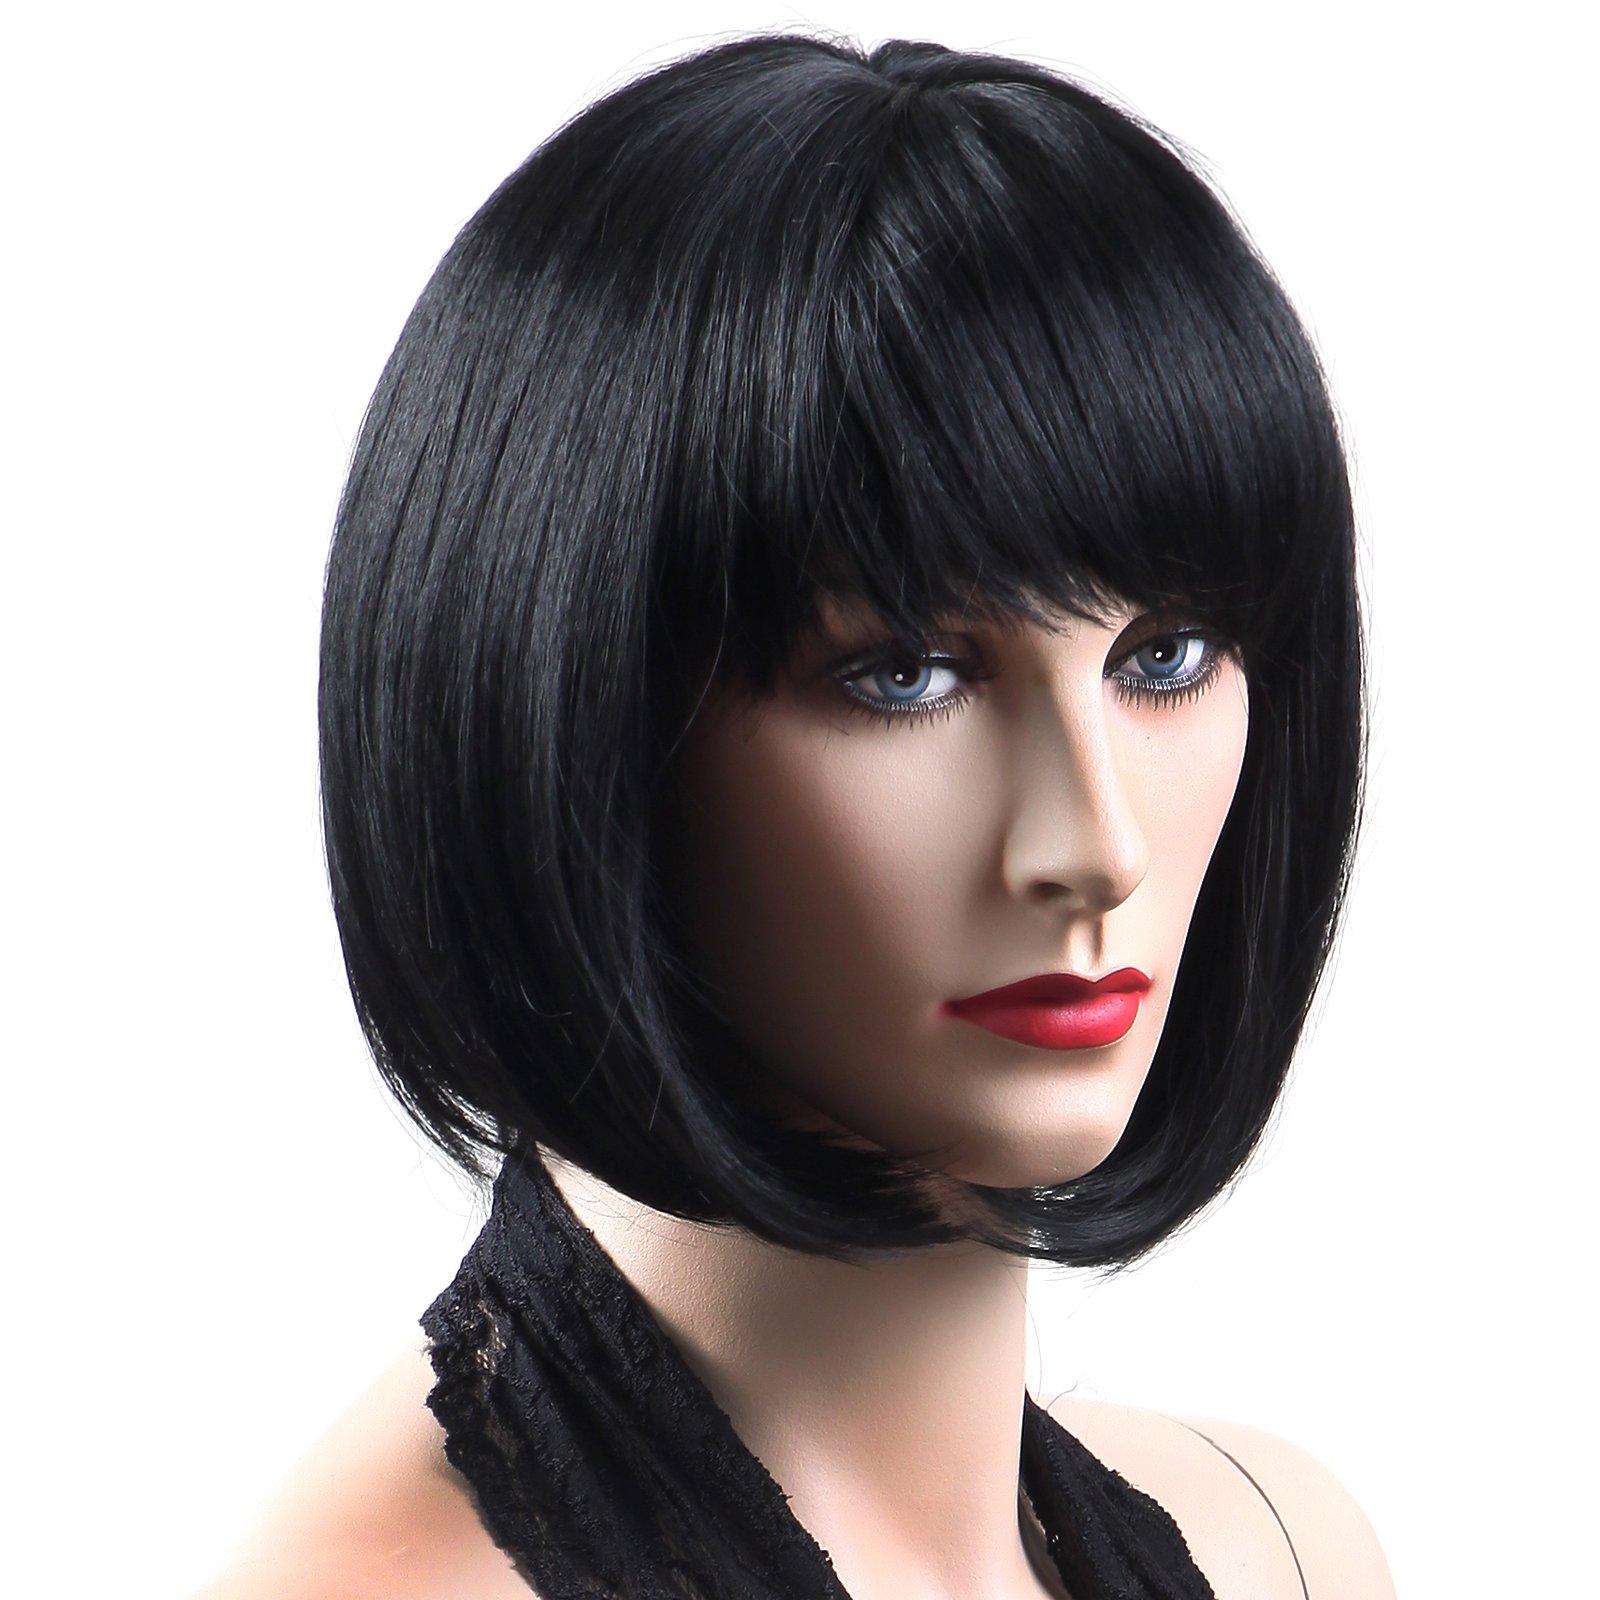 Mannequin Perruque Courte Bob Frange Déguisement Costume Halloween Accessoire 3 Couleurs